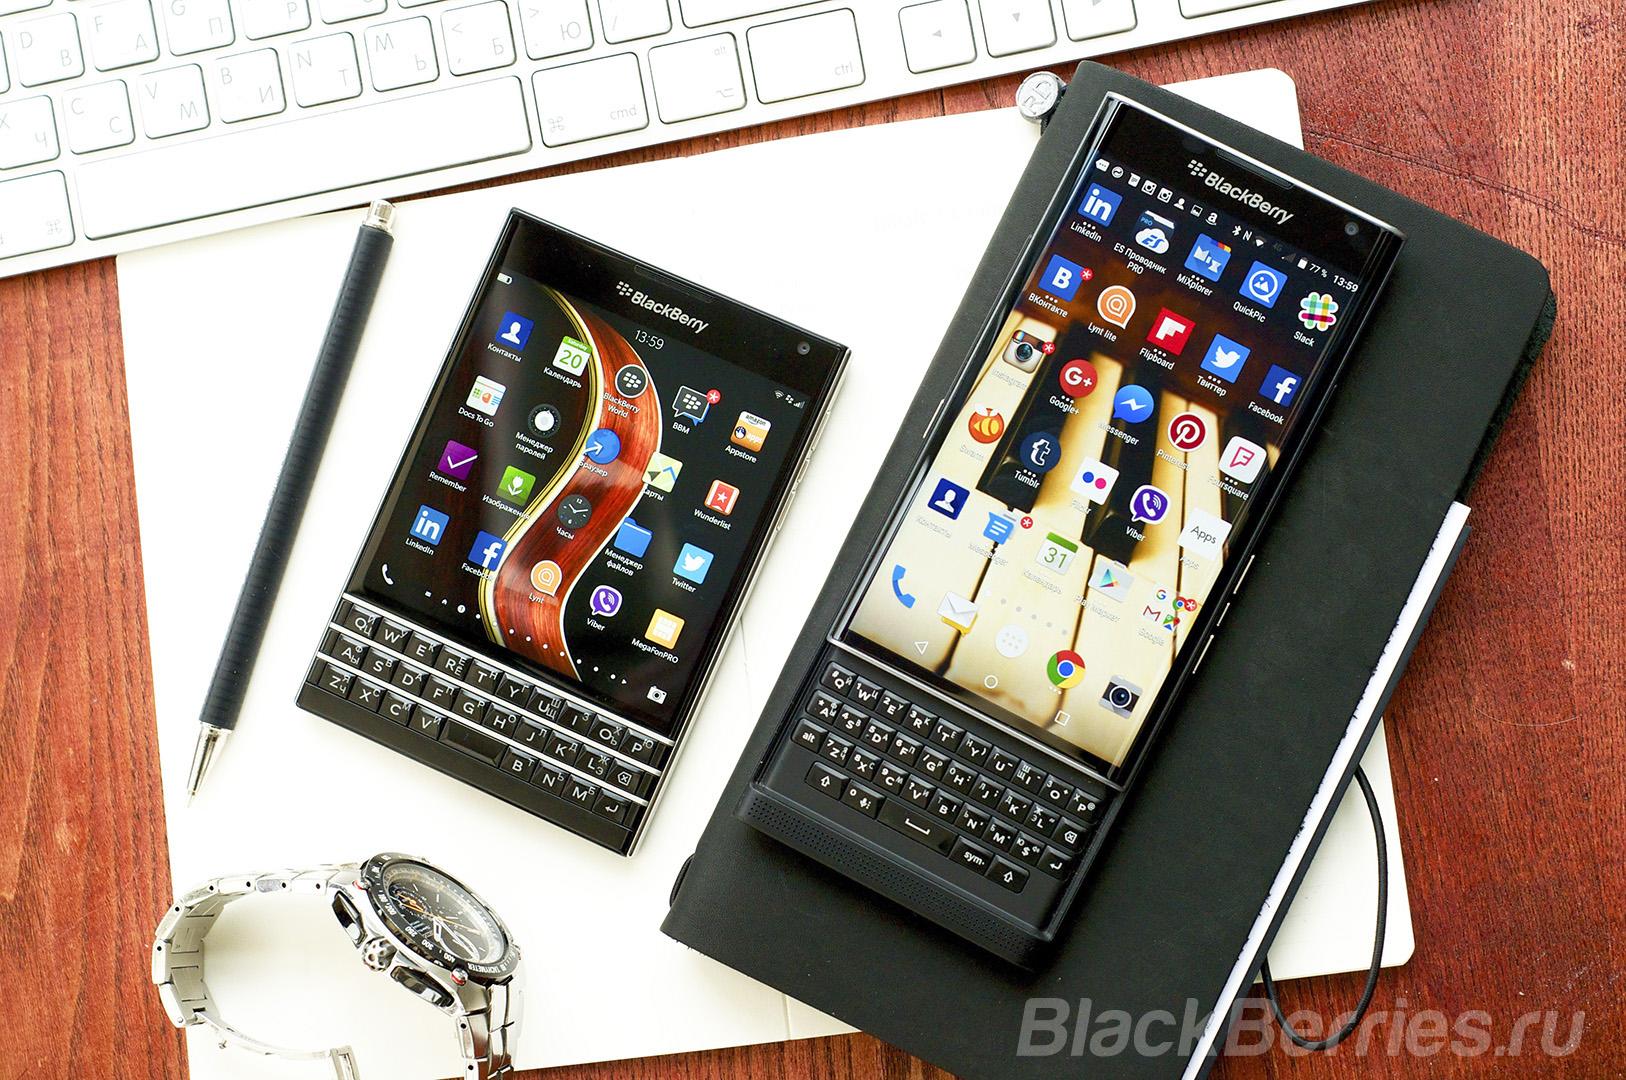 BlackBerry-Apps-20-02-04